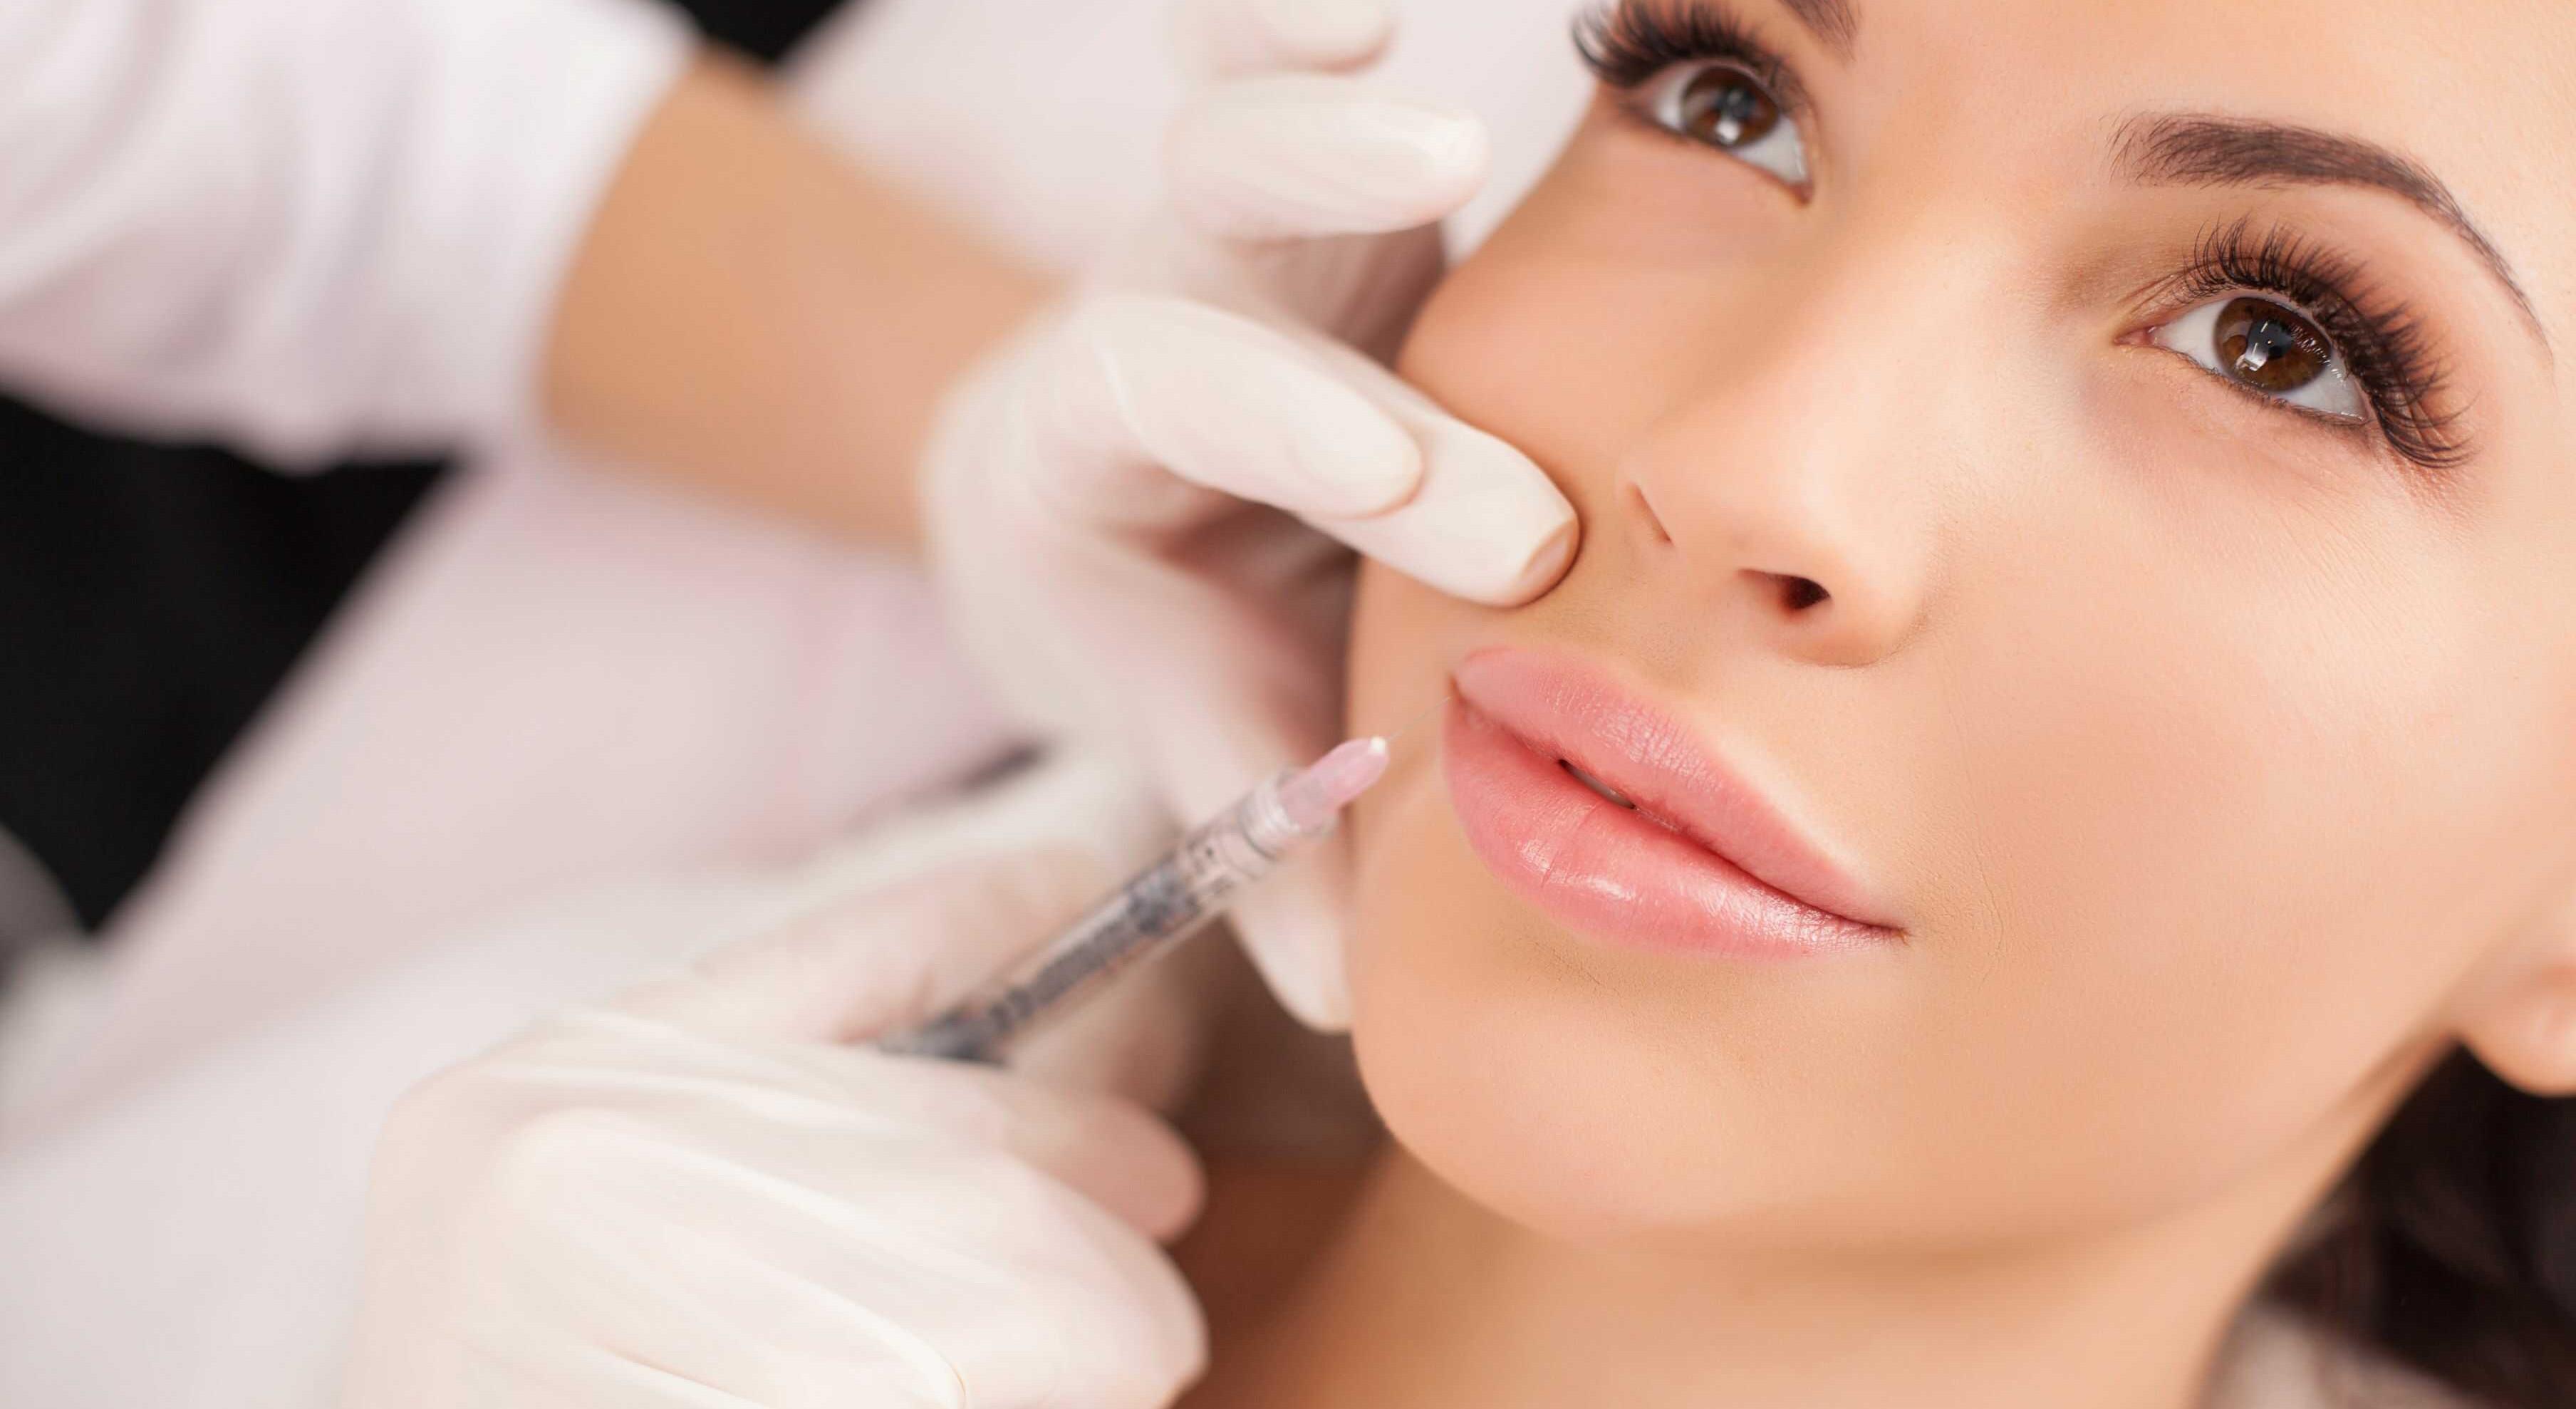 Få Botox i GBG